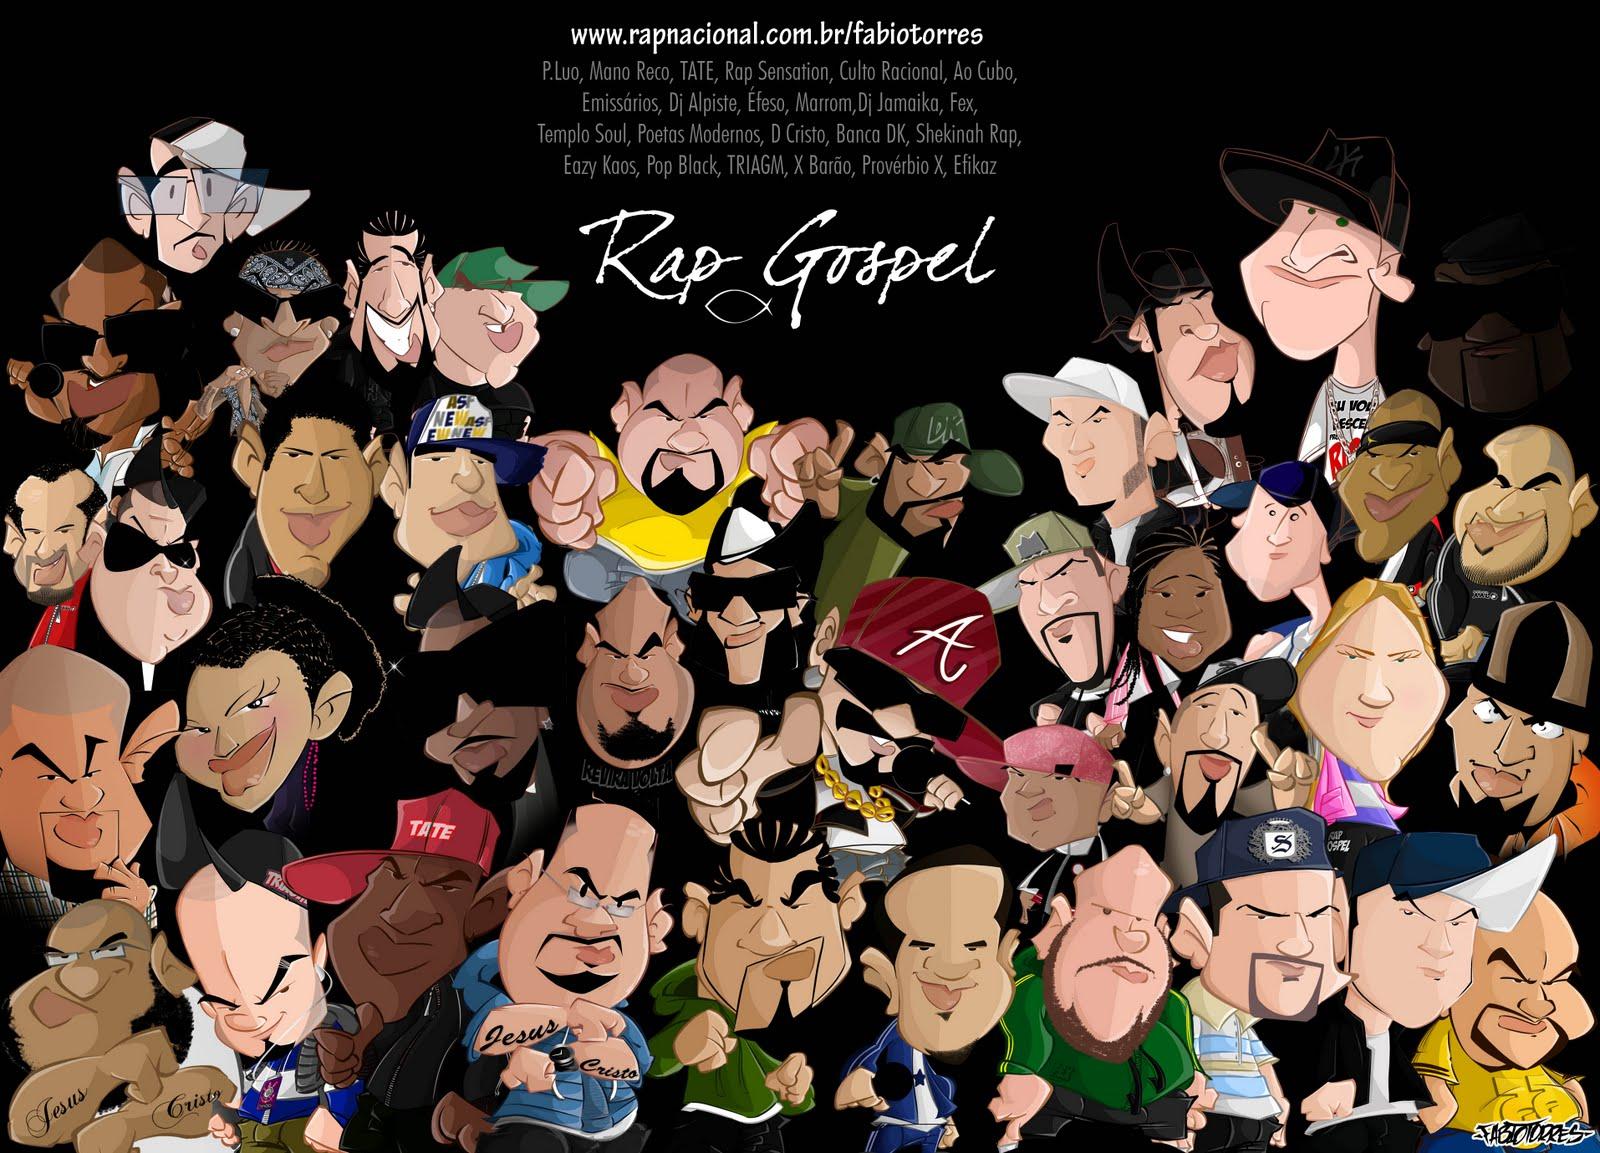 http://2.bp.blogspot.com/-hTtHujIx1ng/TcImGbwbBiI/AAAAAAAADbs/ba17b9pQY1Y/s1600/wallpaper_rap_gospel.jpg